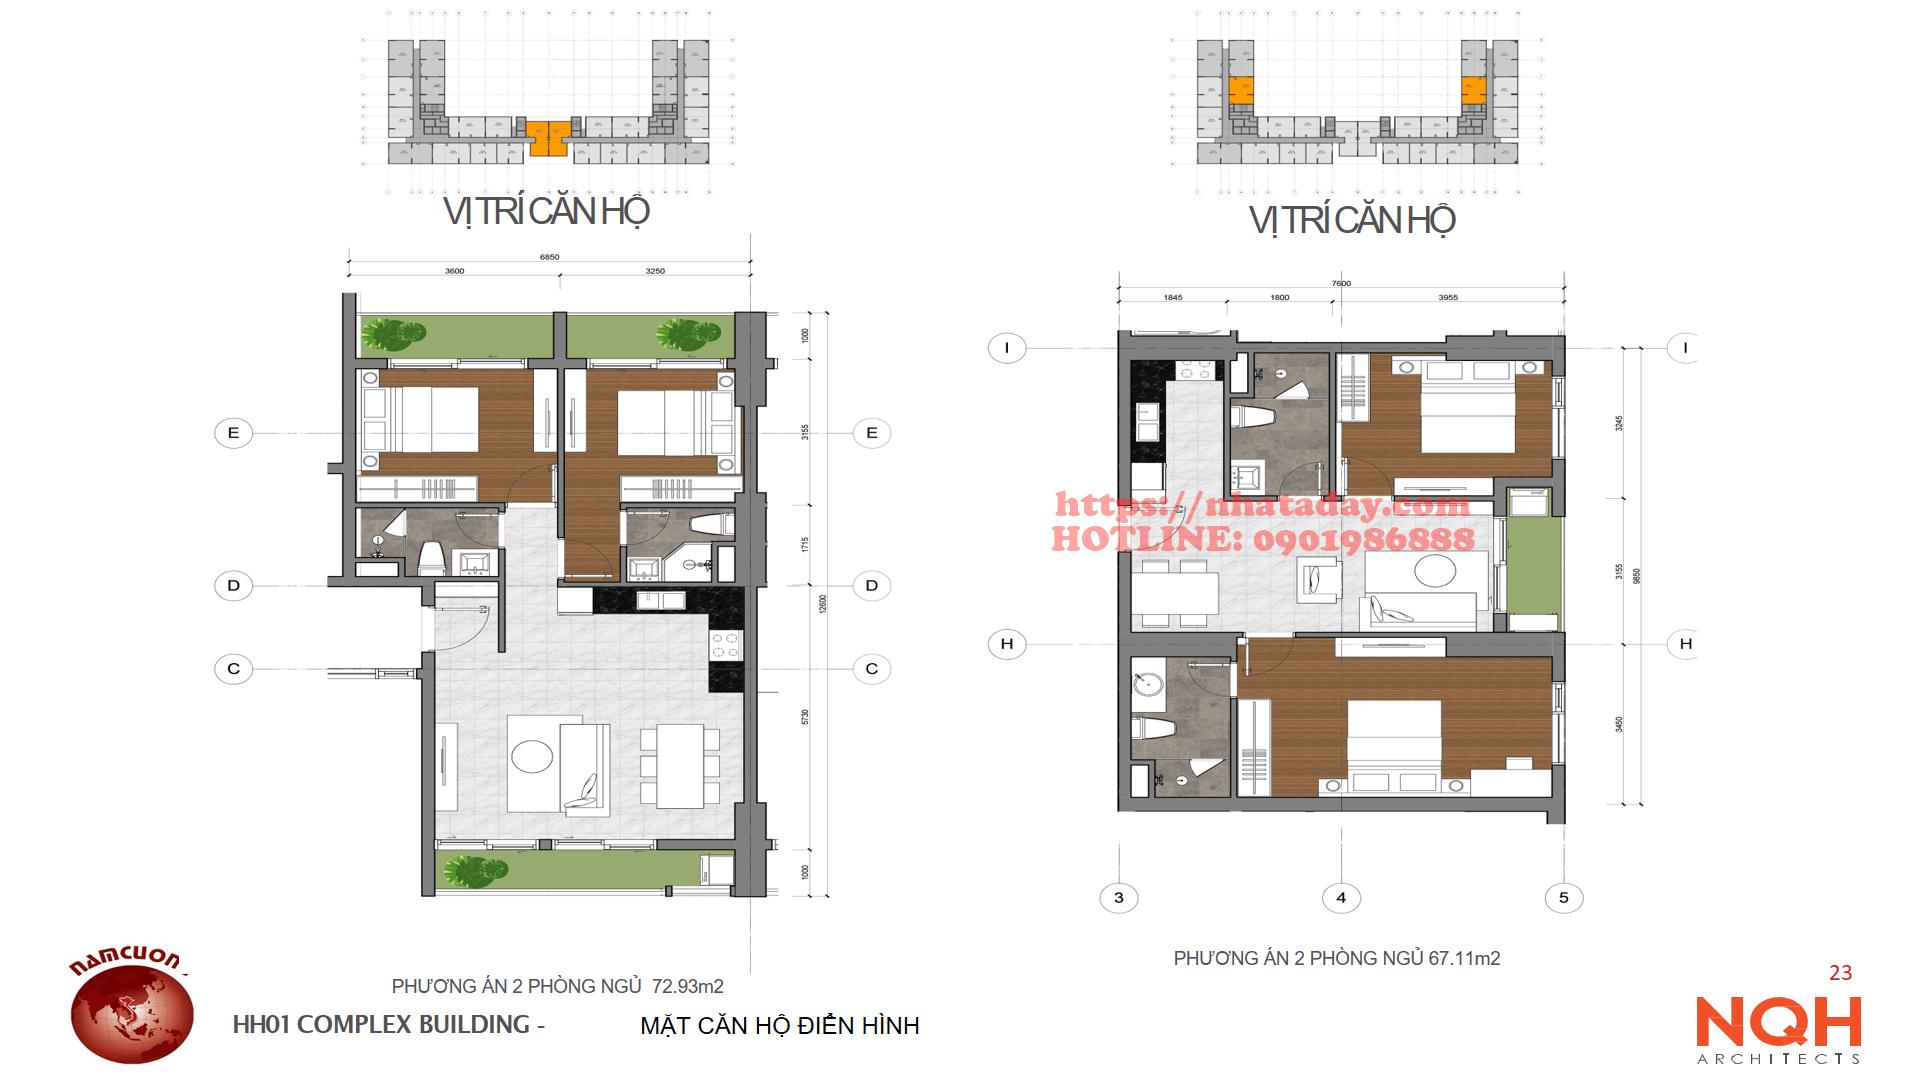 Thiết kế căn hộ 67m2 va 73m2 Chung cư Anland Complex Building Nam Cường Dương Nội